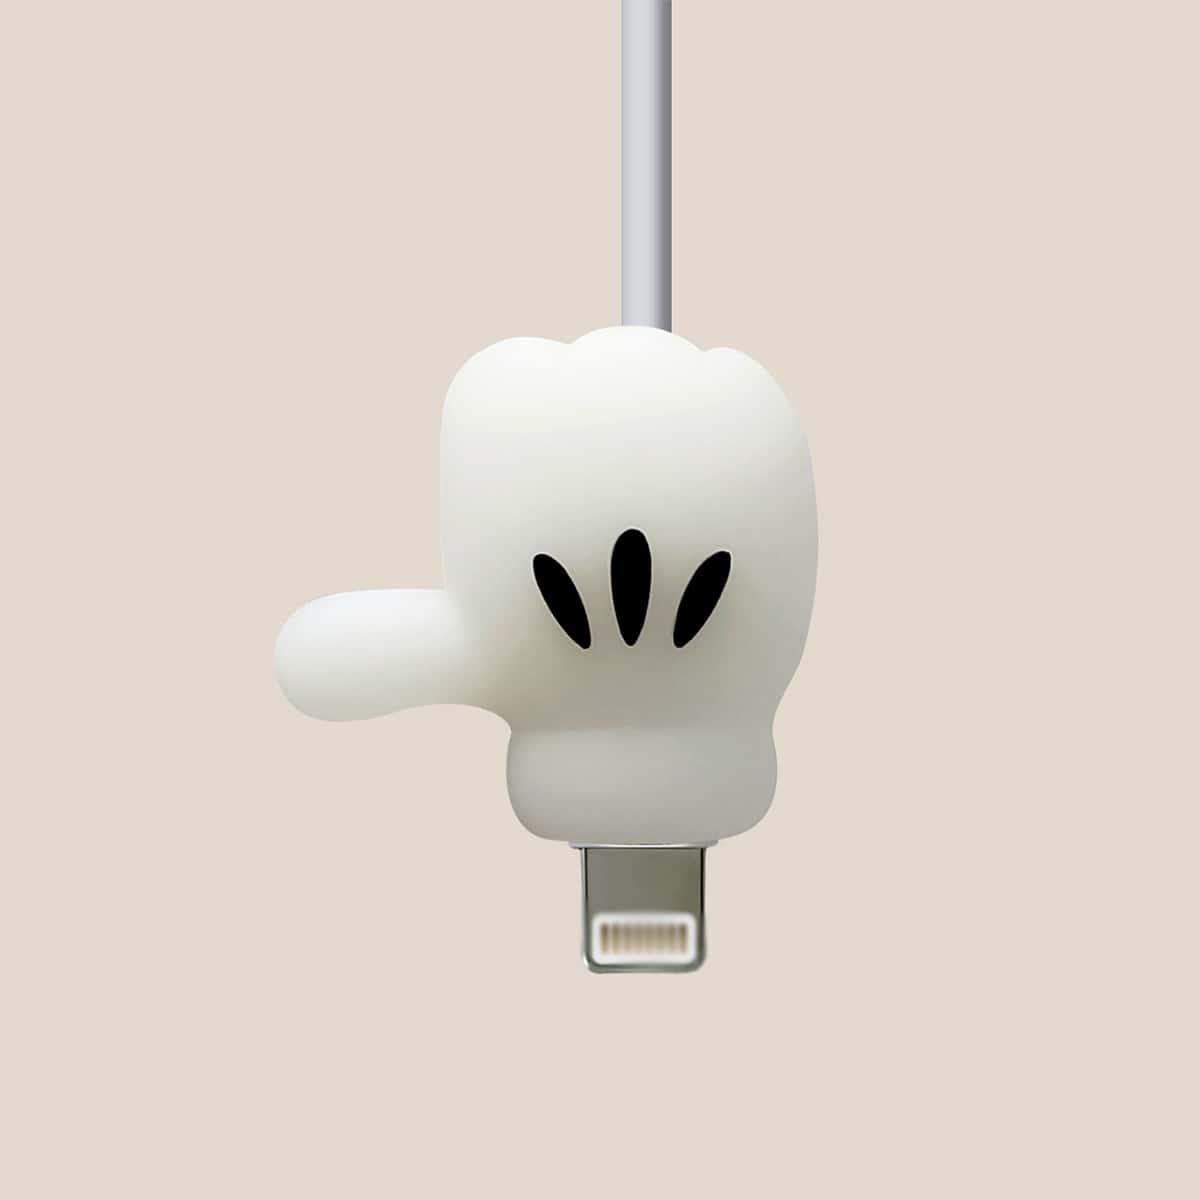 Протектор для кабеля для передачи данных в форме большего пальца